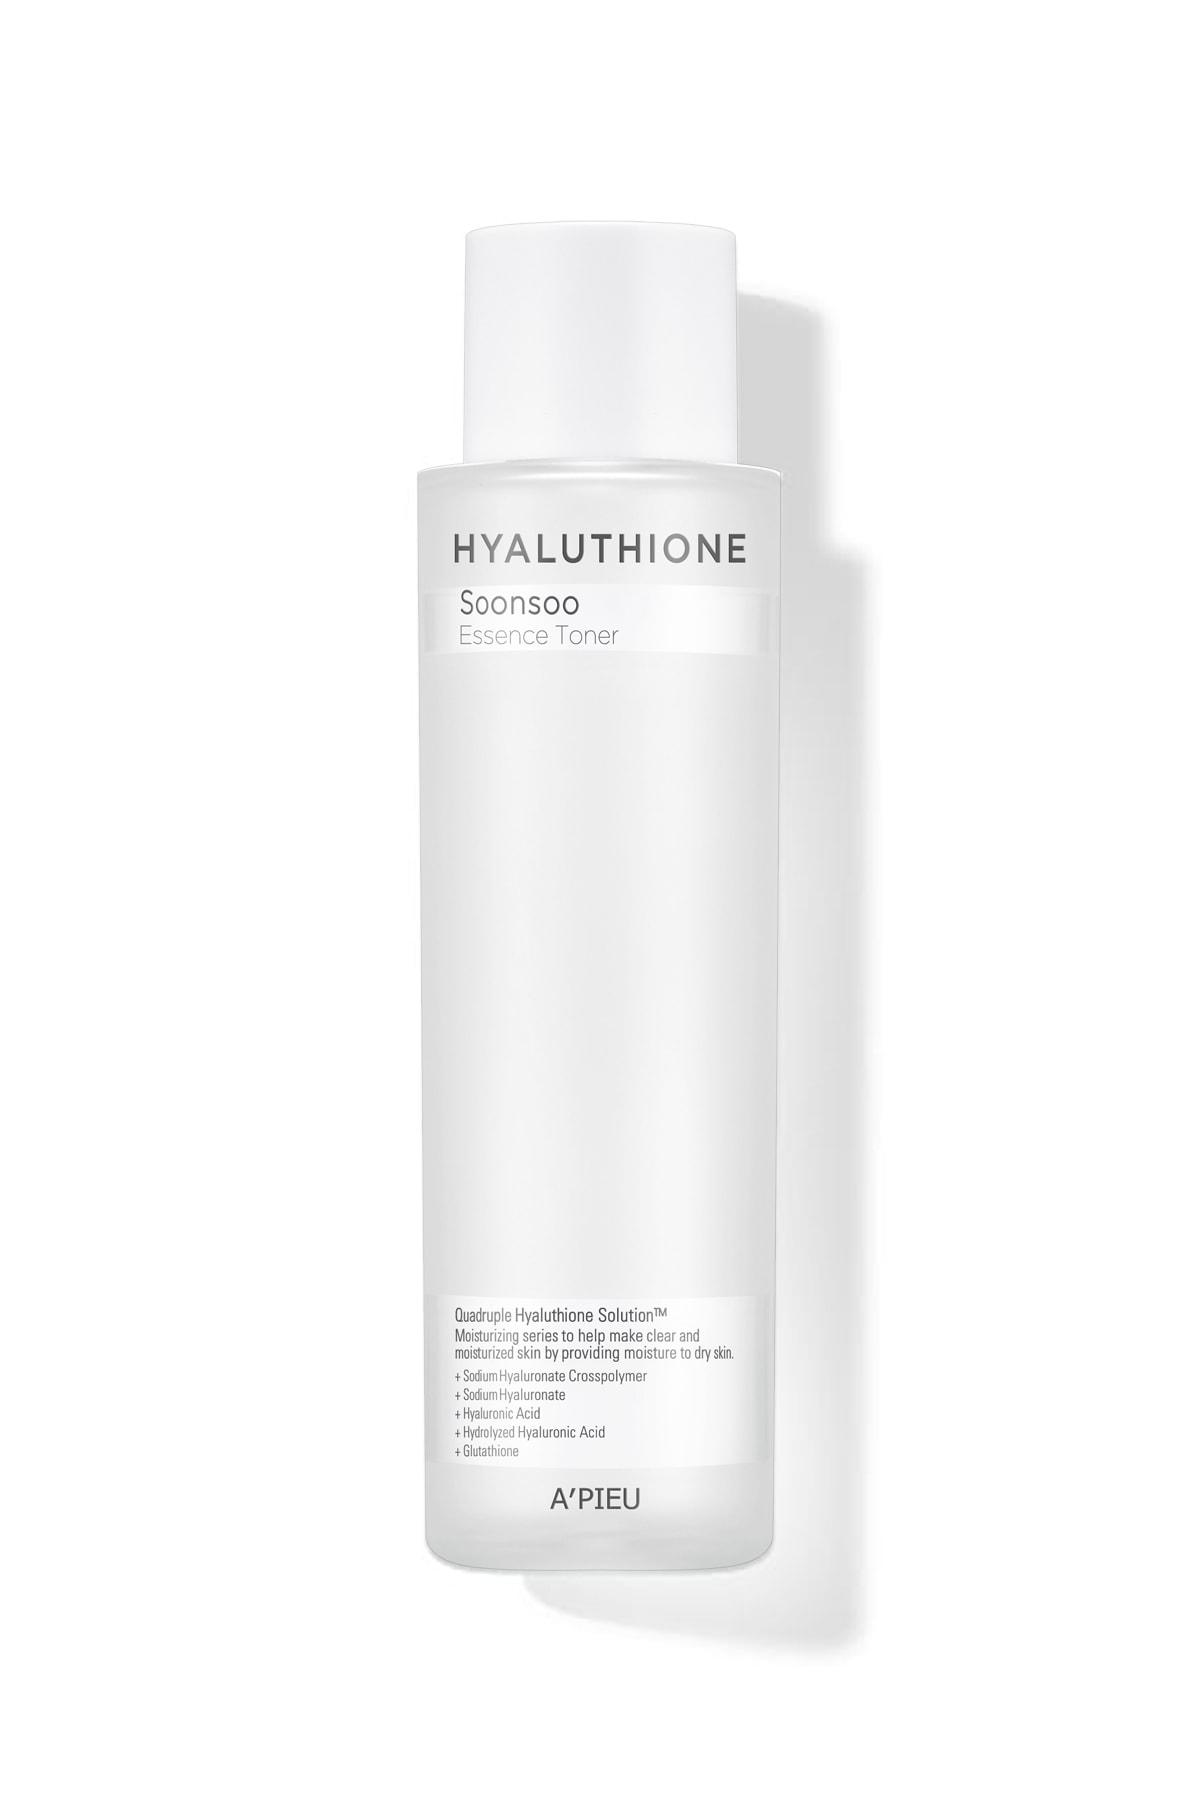 Missha 4 Çeşit Hyalüronik Asit İçeren nemlendirici Tonik 170ml APIEU Hyaluthione Essence Toner